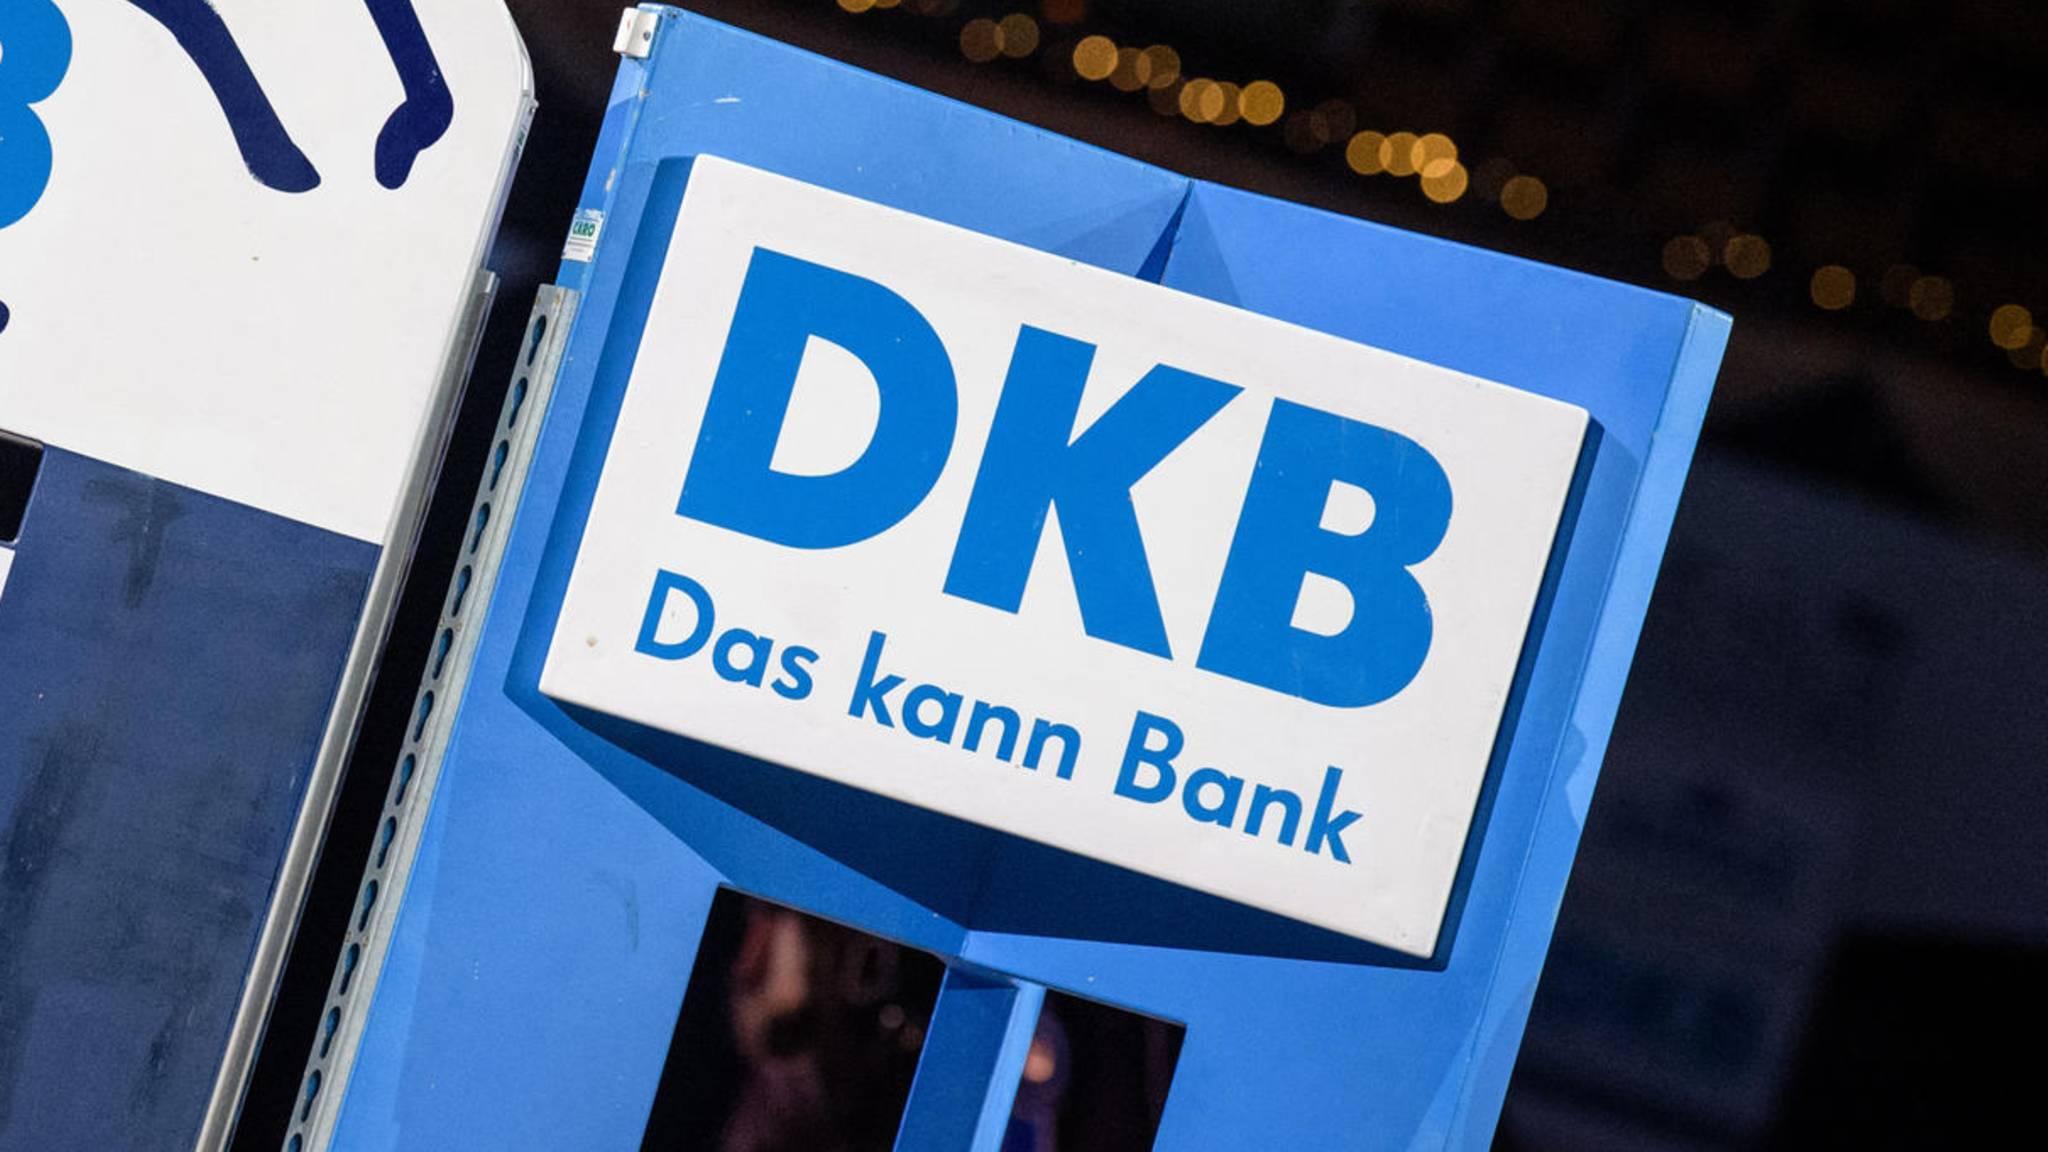 DKB Hotline Nicht Erreichbar Konto Gesperrt